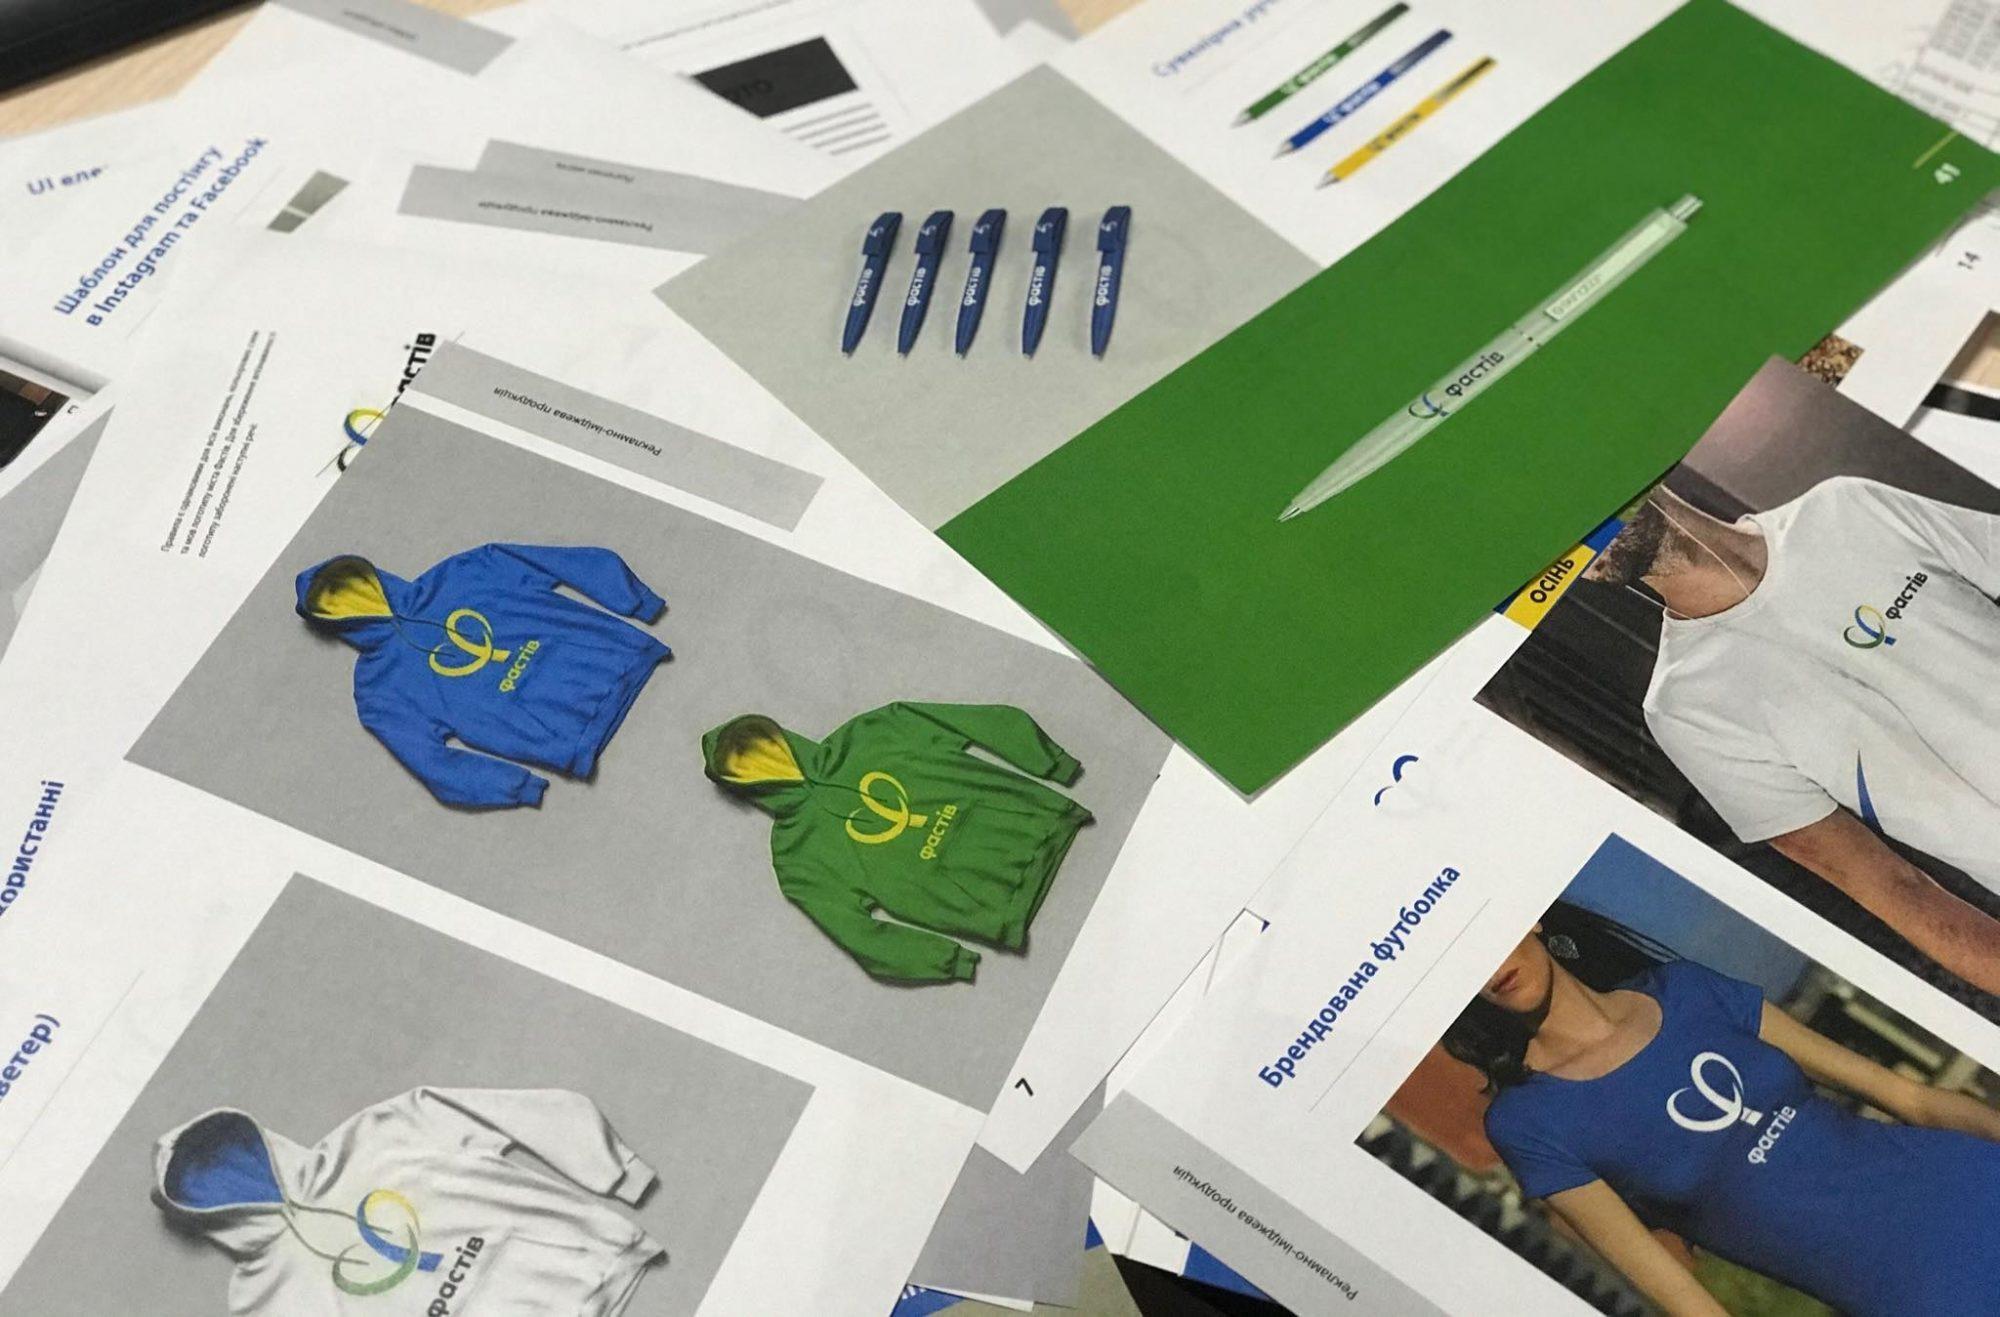 У Фастові розробляють бренд міста - Фастів - 79098651 2484251115026312 8360324927391268864 o 2000x1317